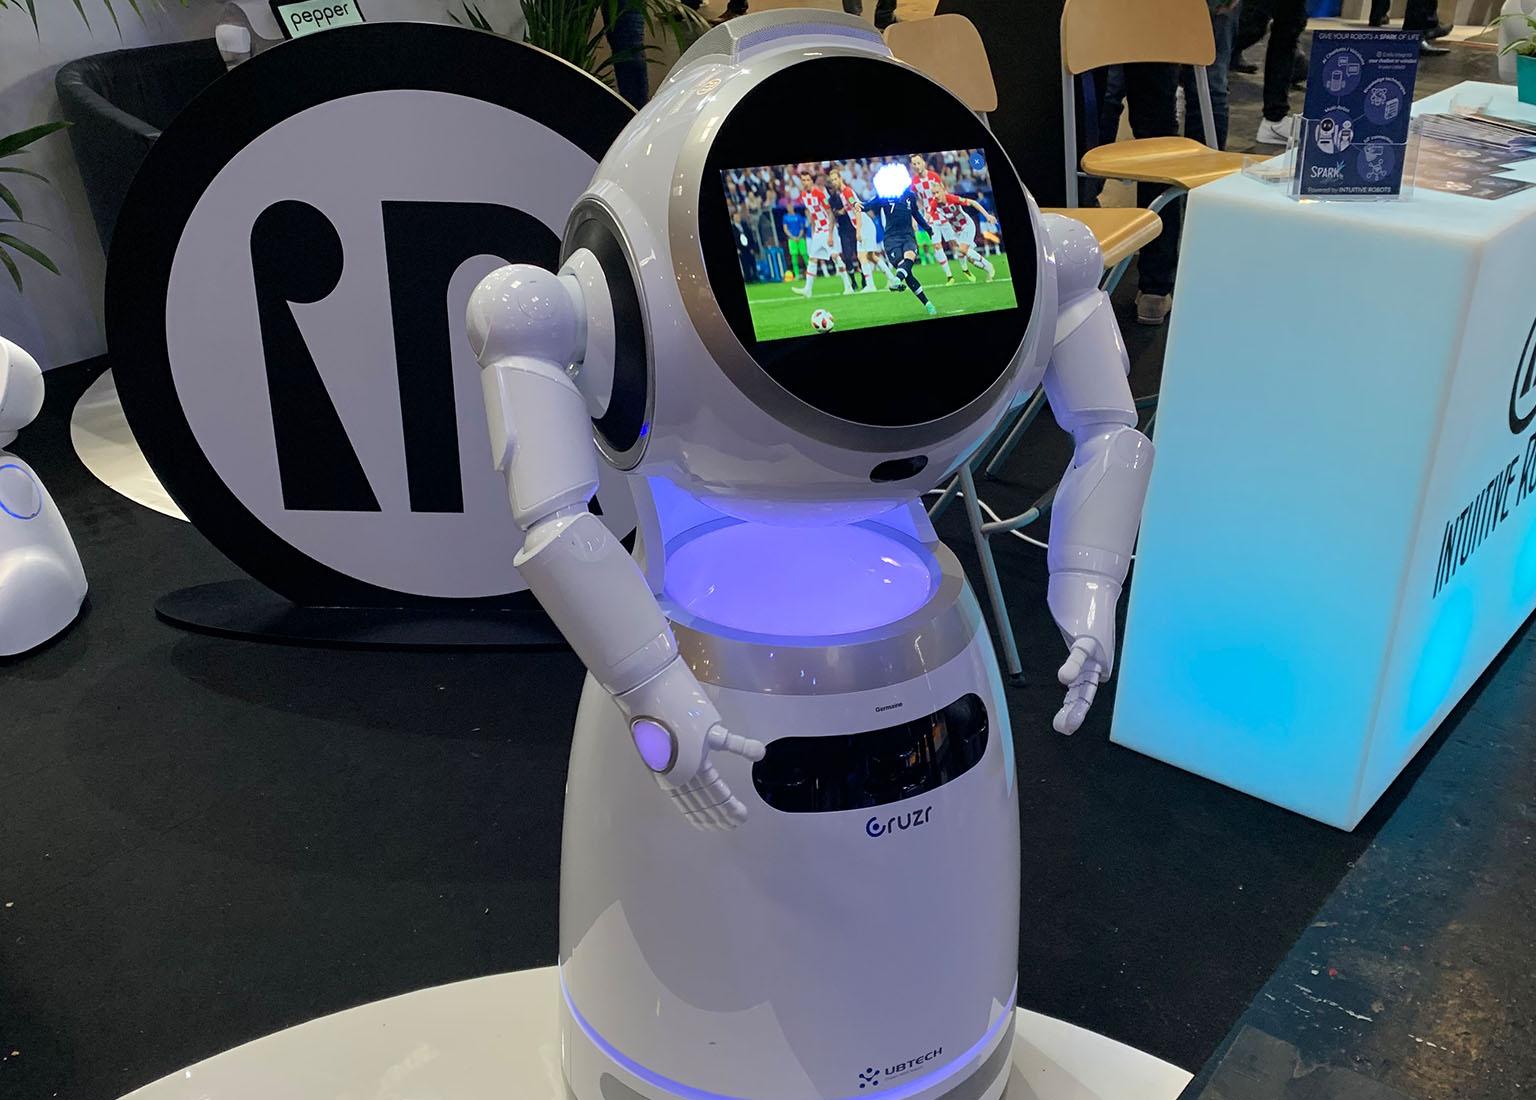 ubtech cruzr robot vivatech